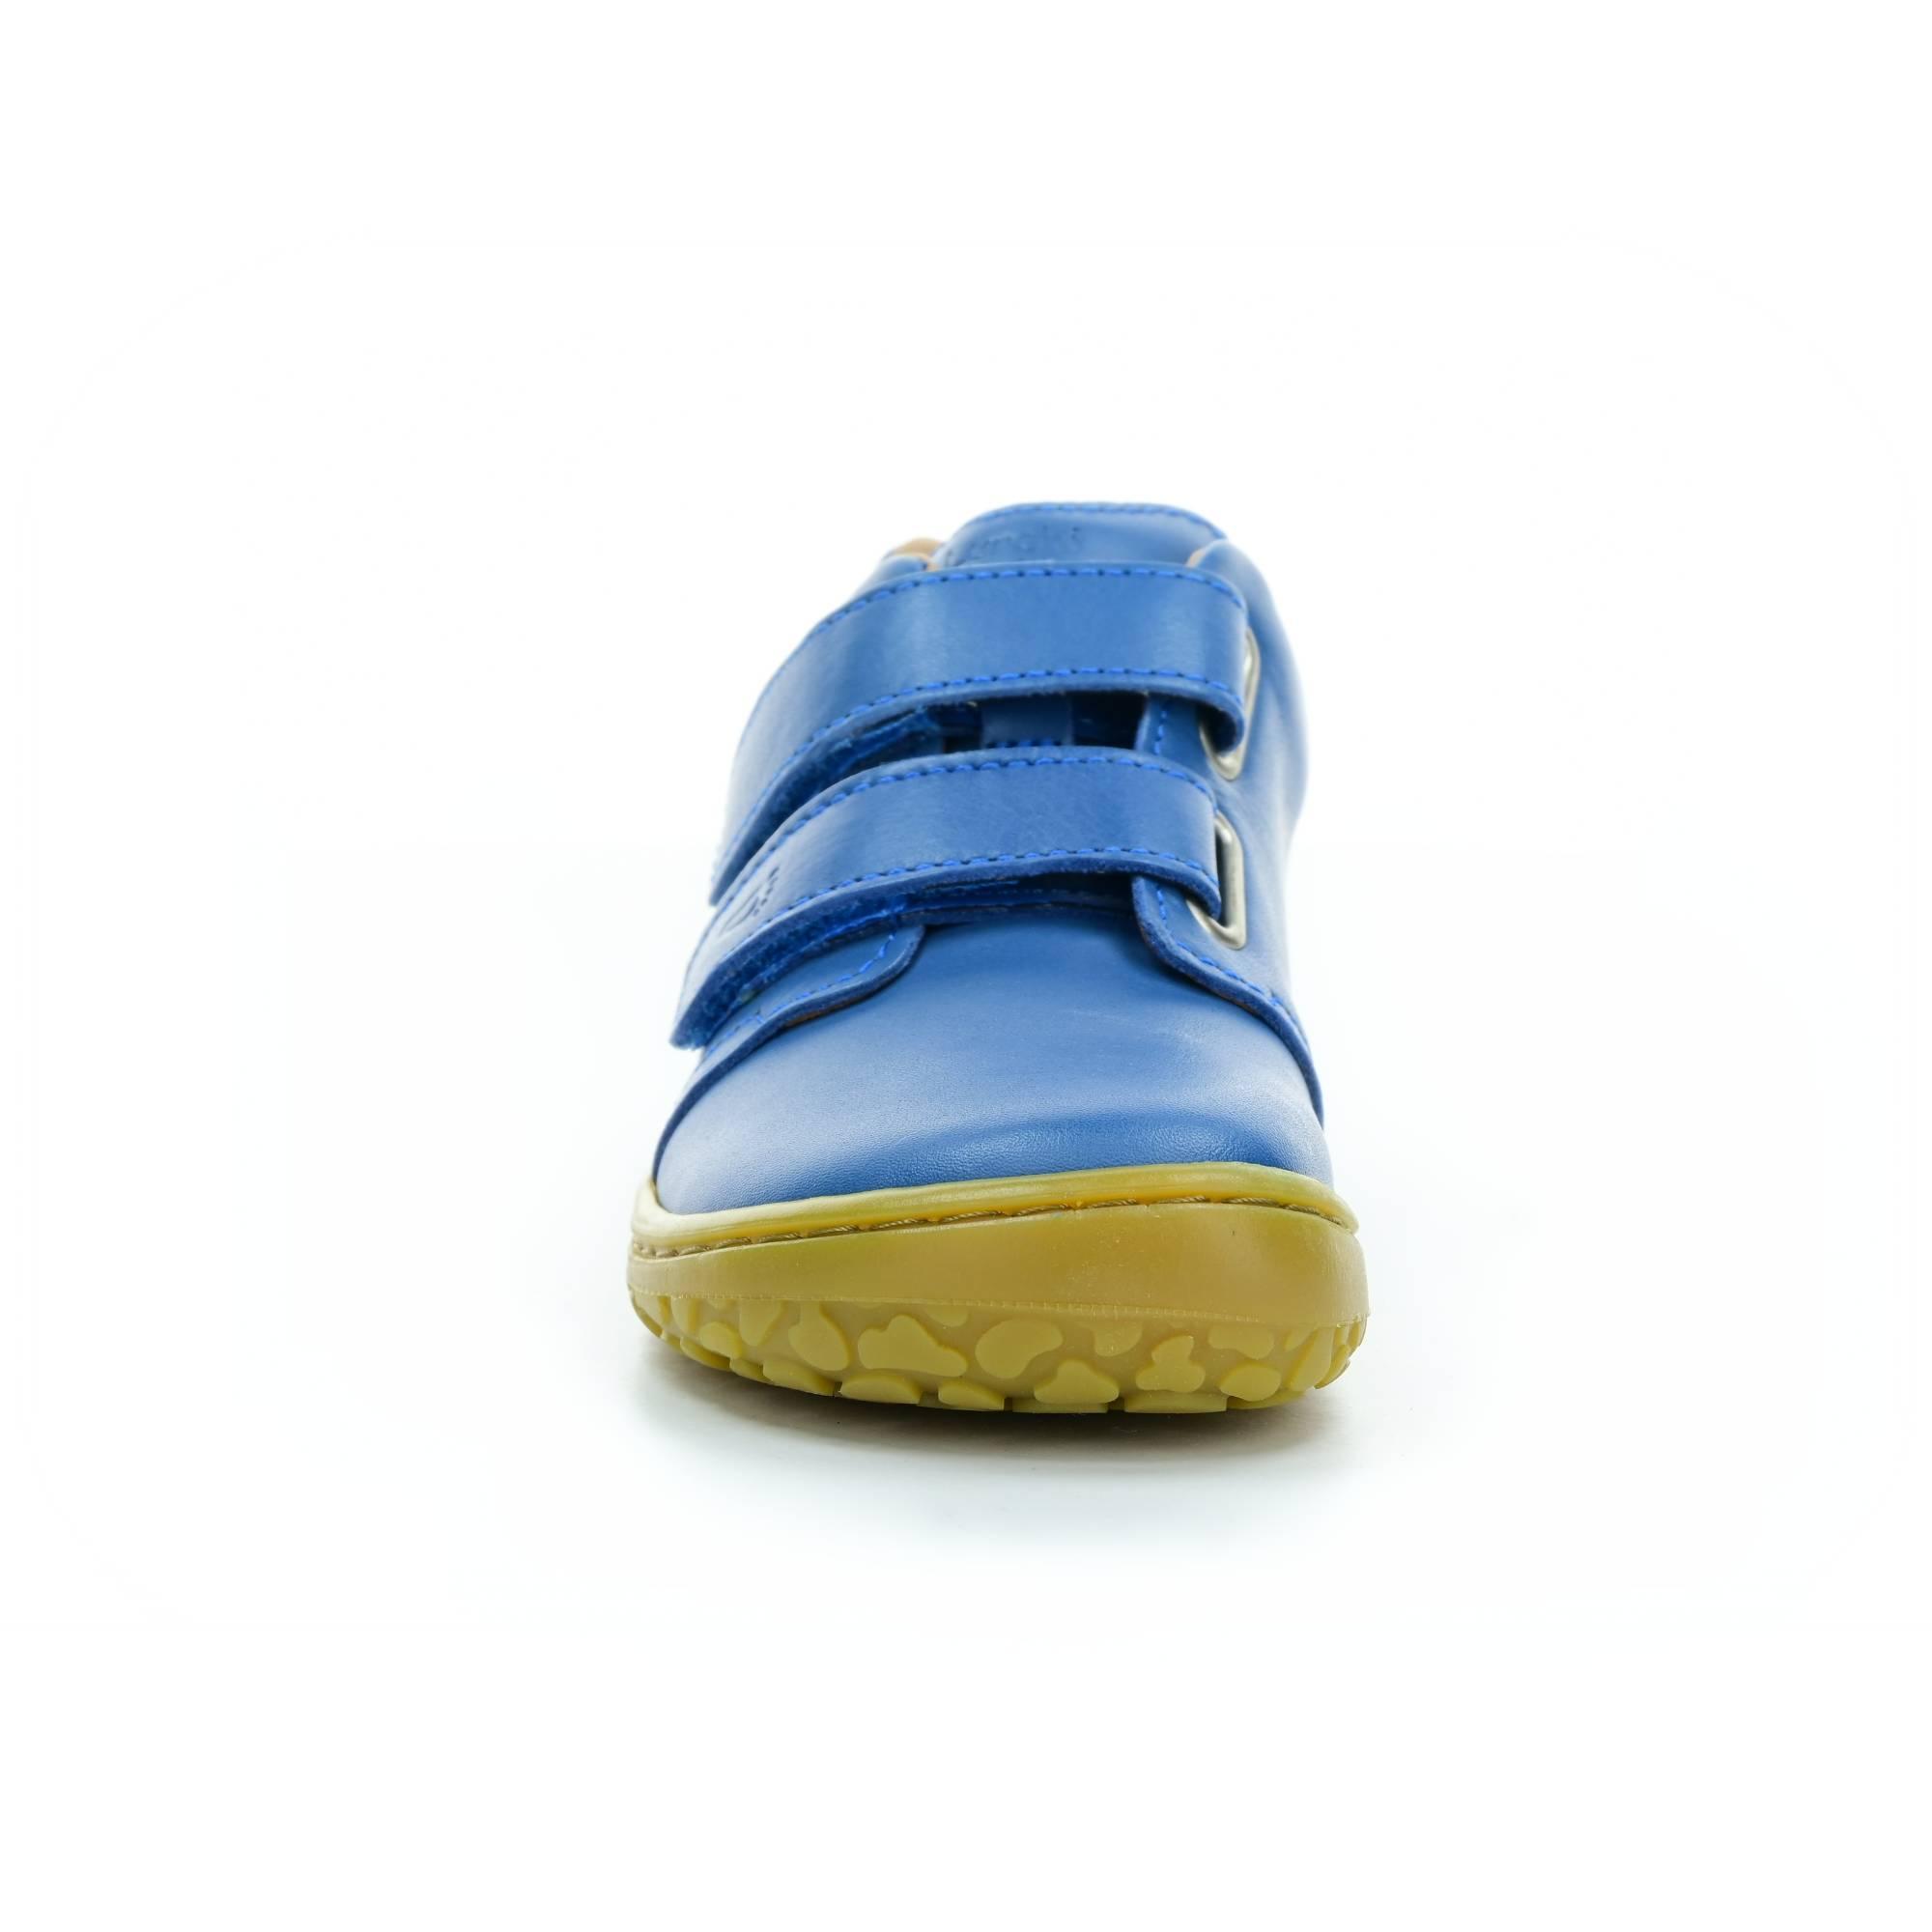 Levně boty Lurchi Noah Nappa Cobalto velikosti bot EU: 26